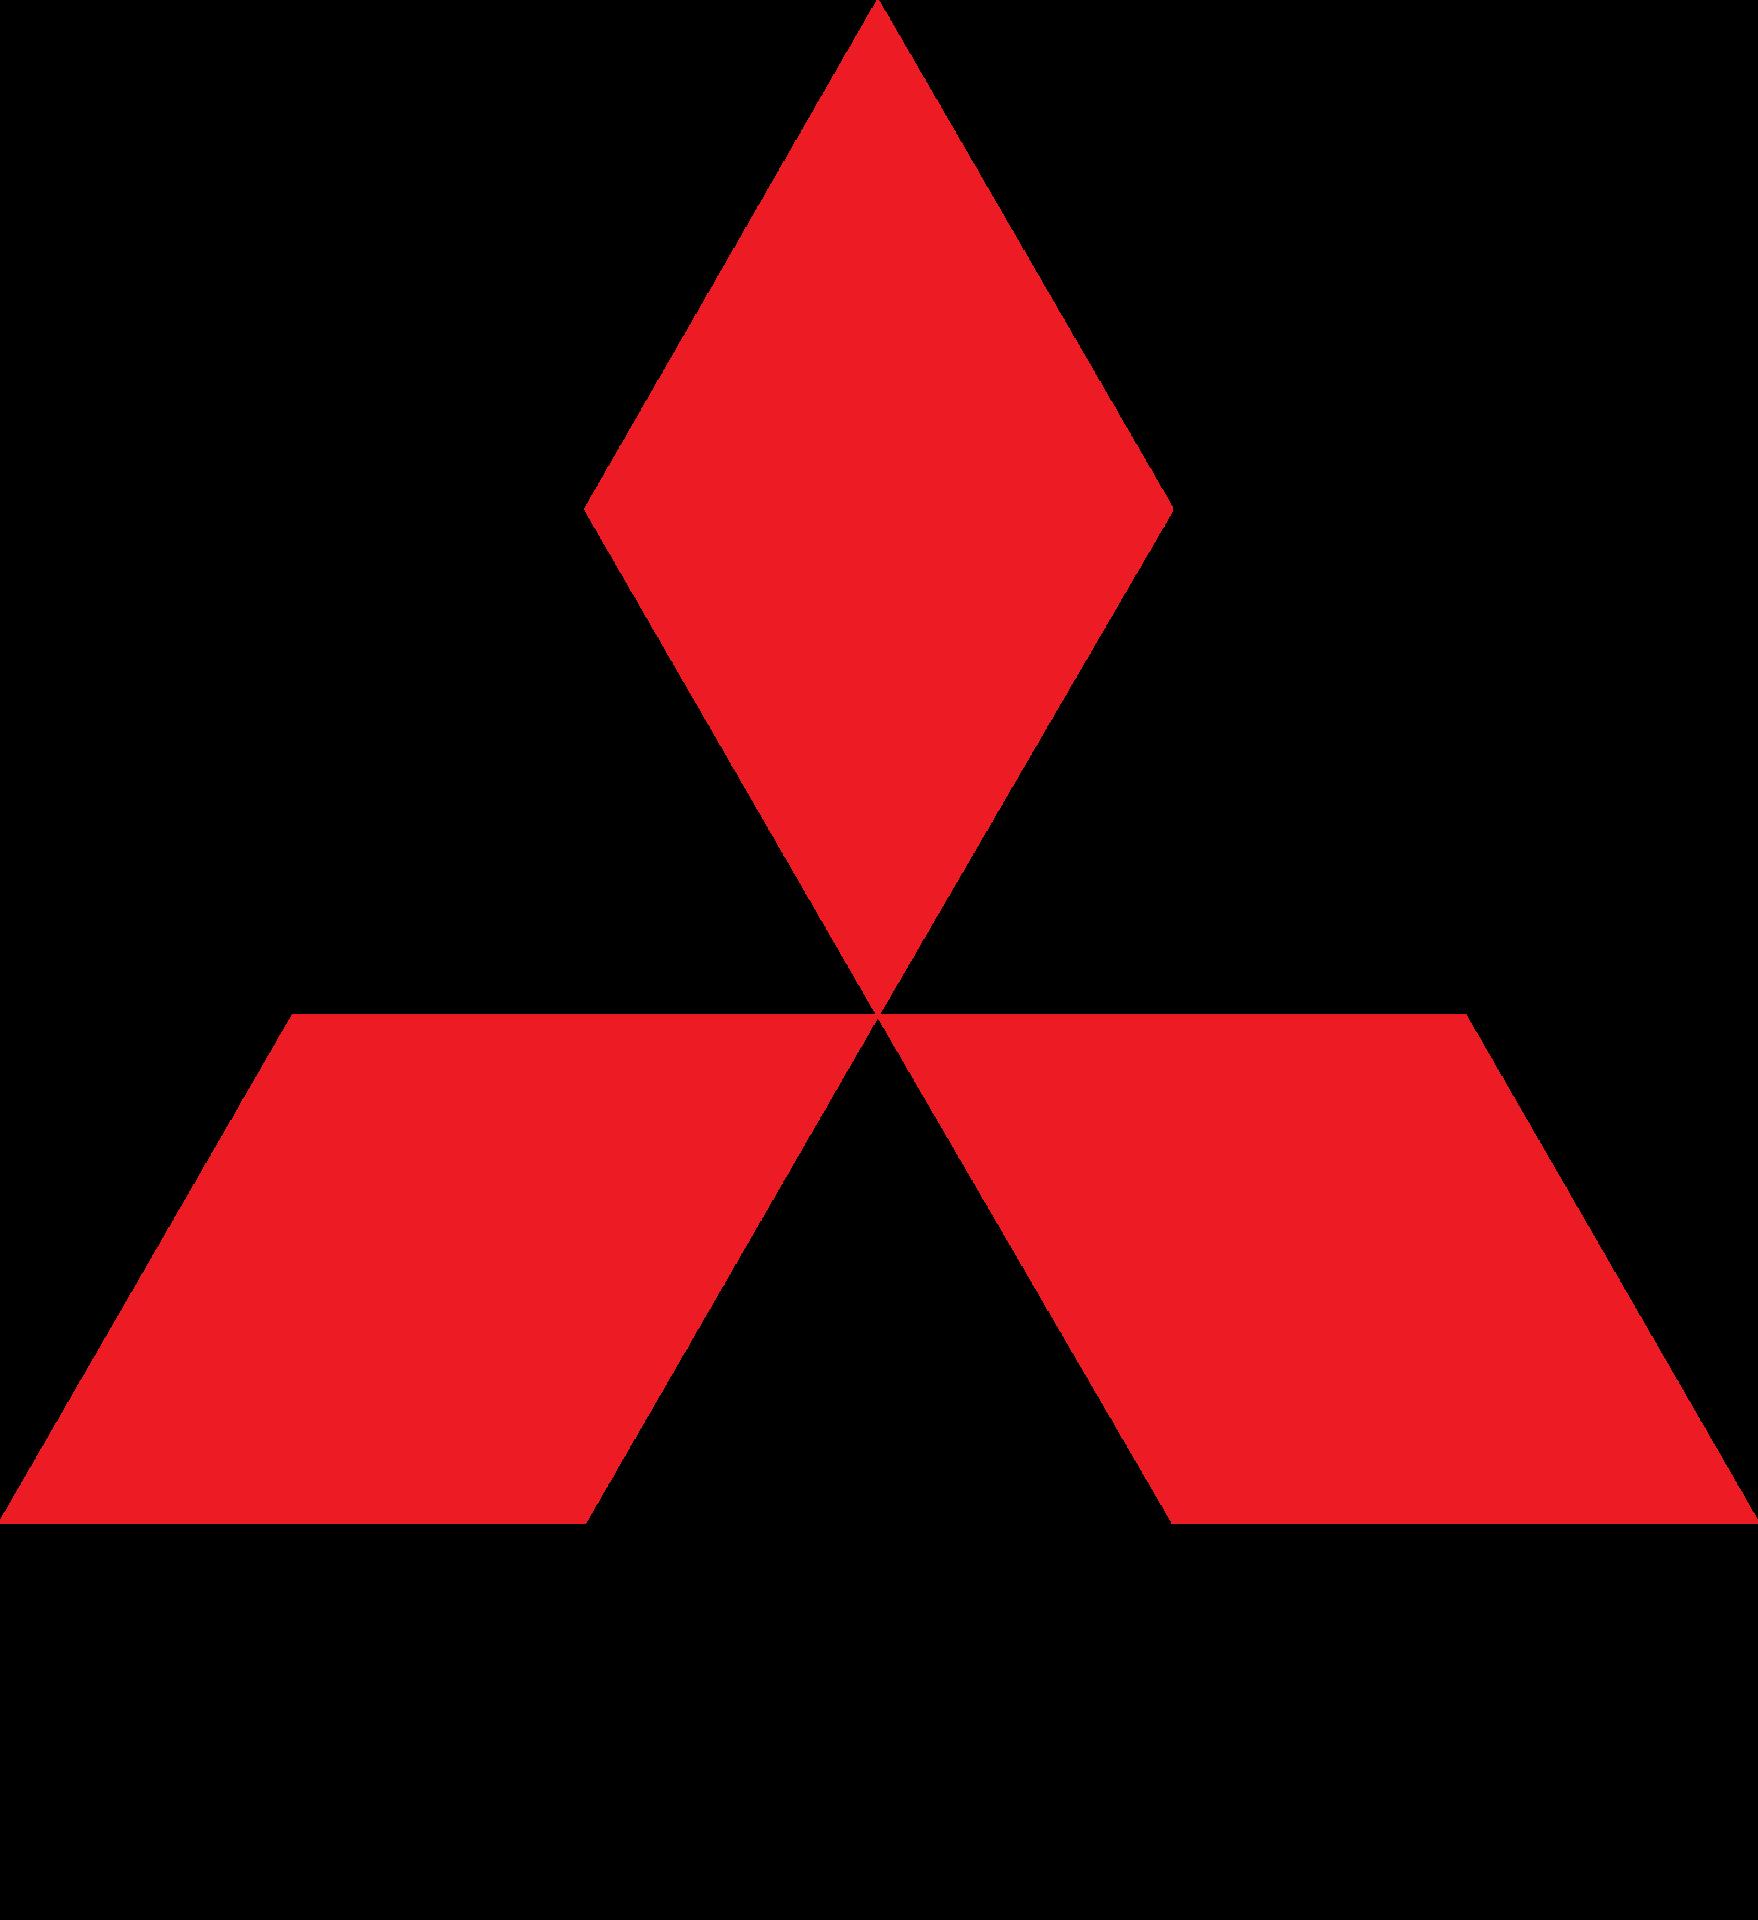 Basi sedile Mitsubishi